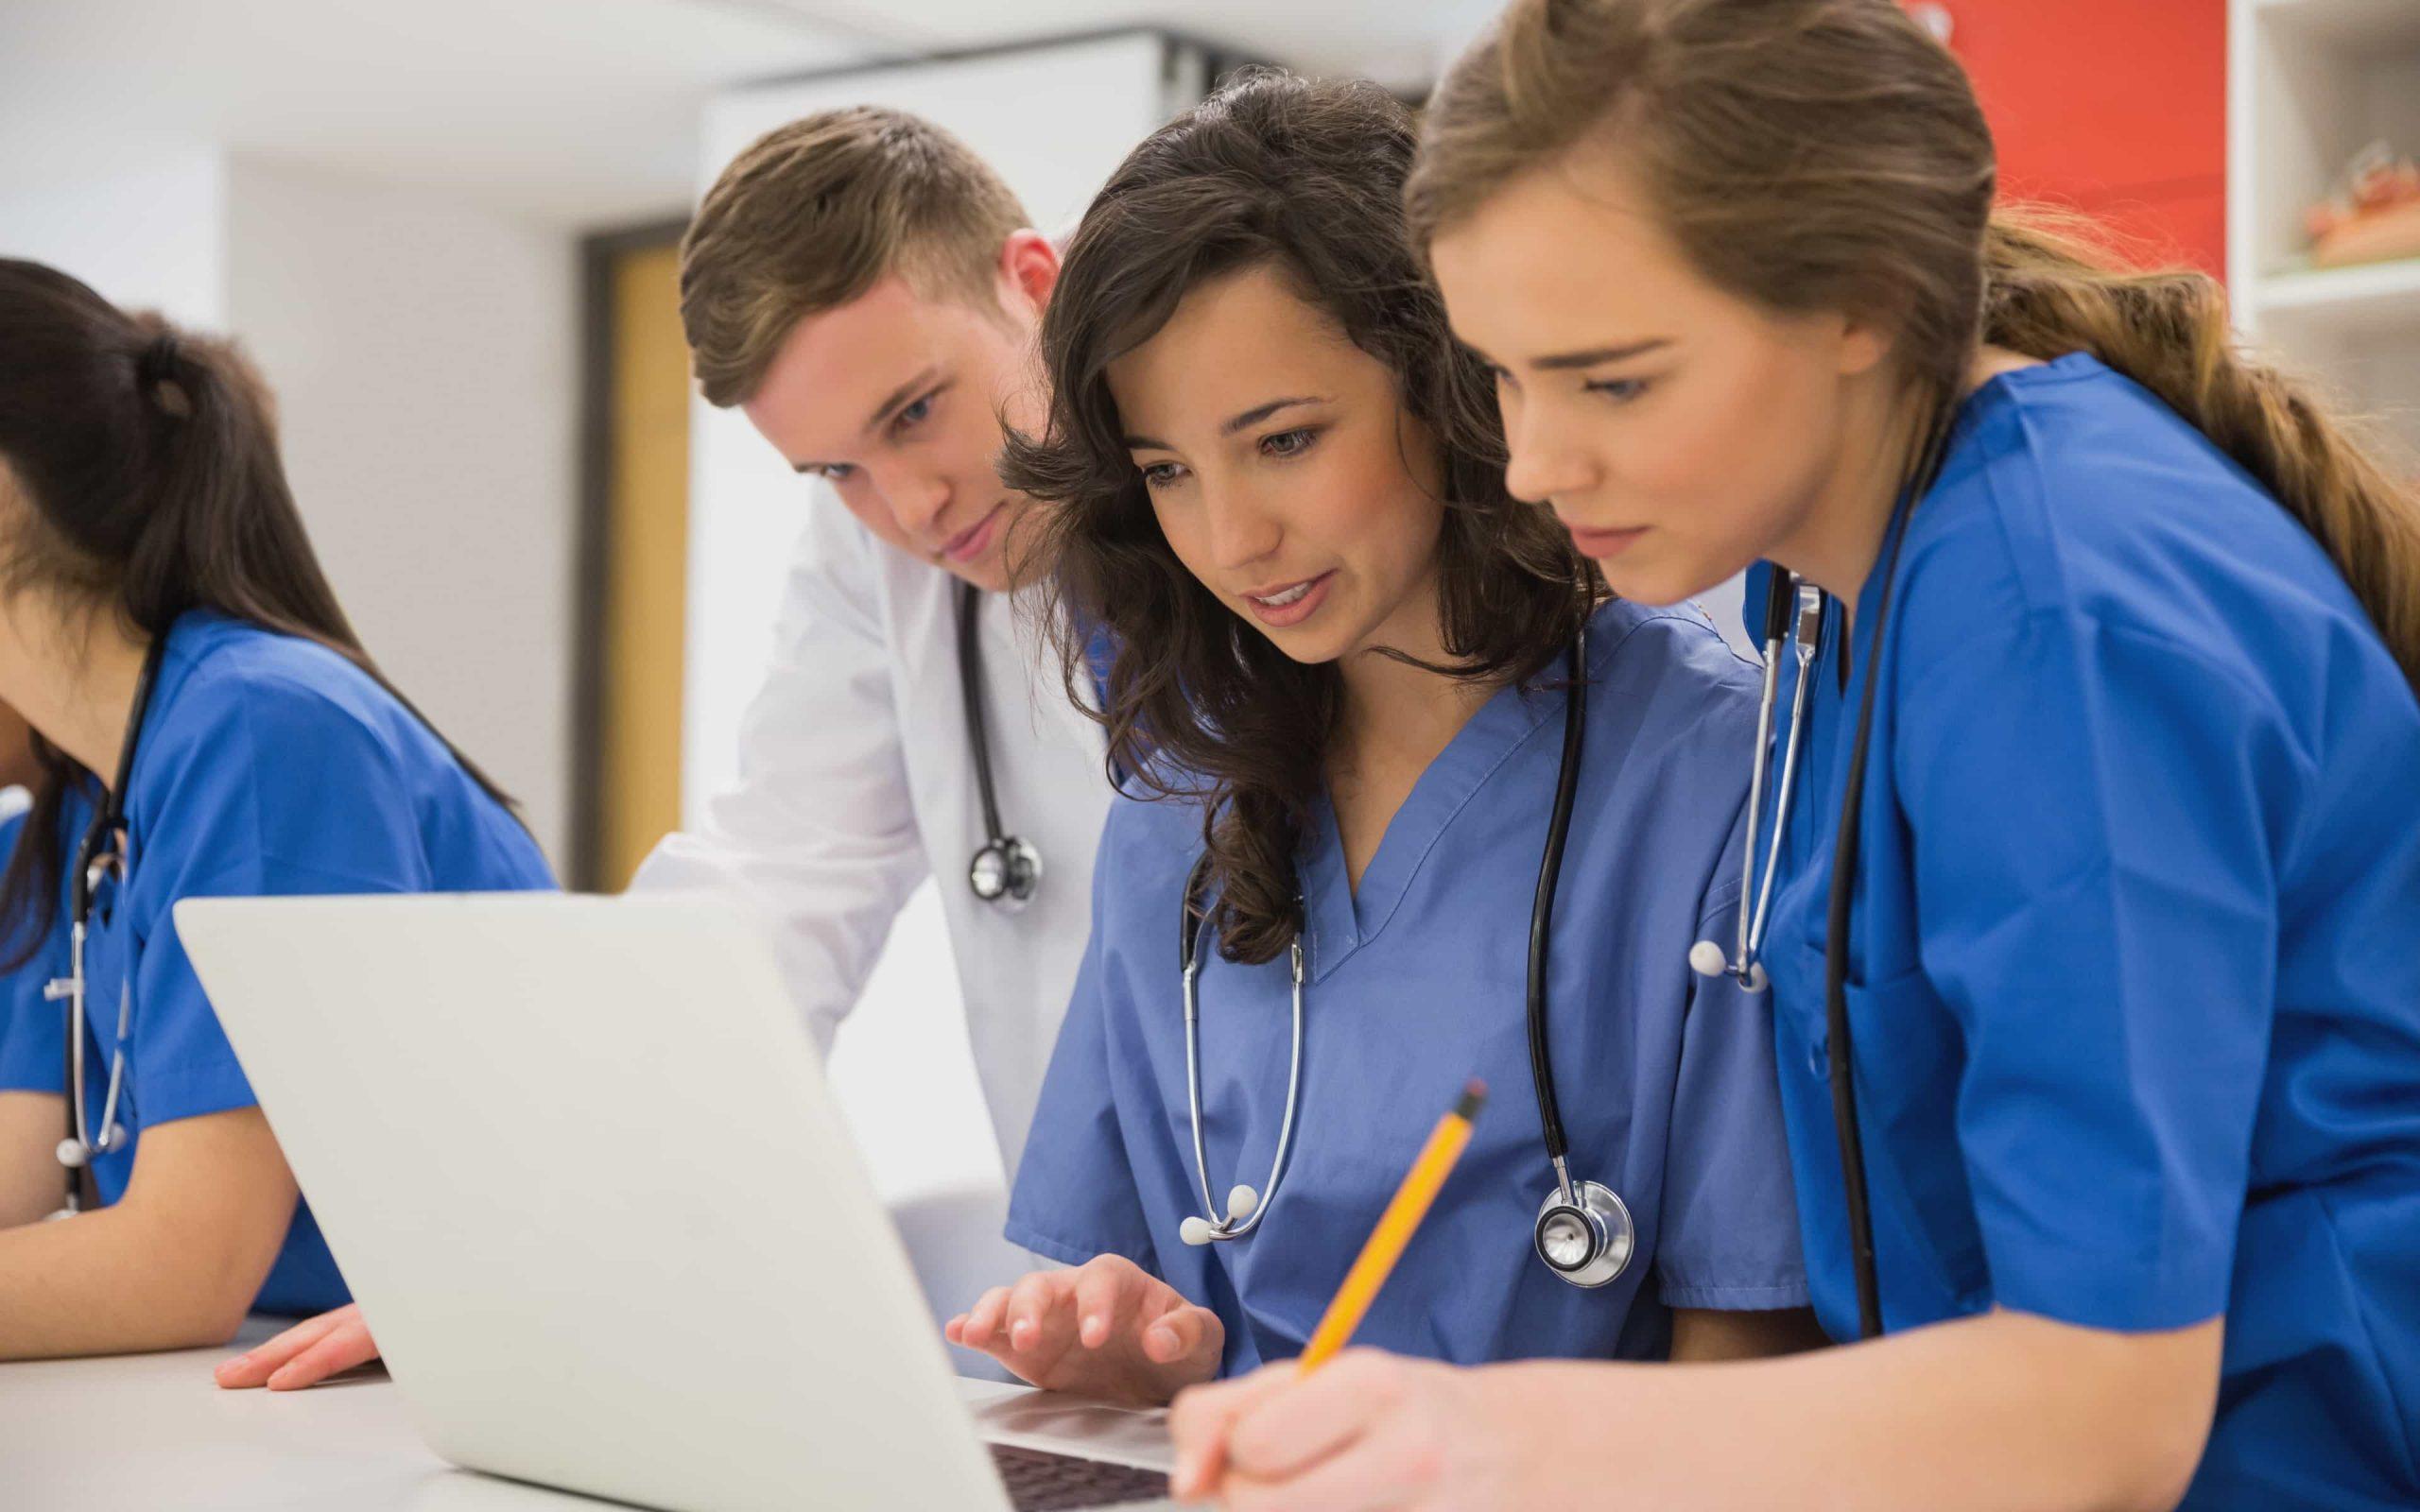 Как проходит дистанционное обучение курсов для врачей?